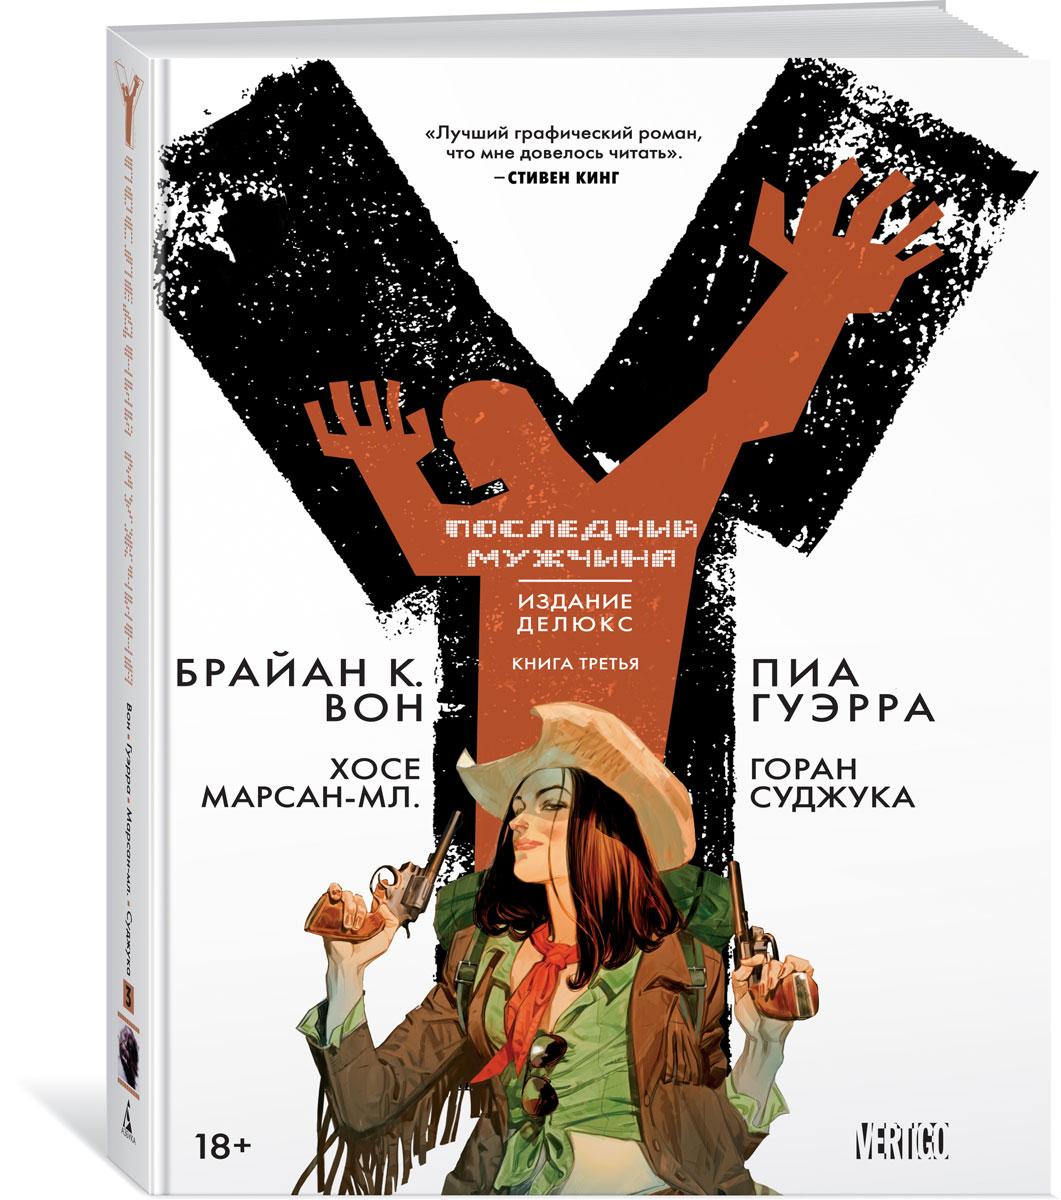 Брайан К. Вон Y. Последний мужчина. Книга 3